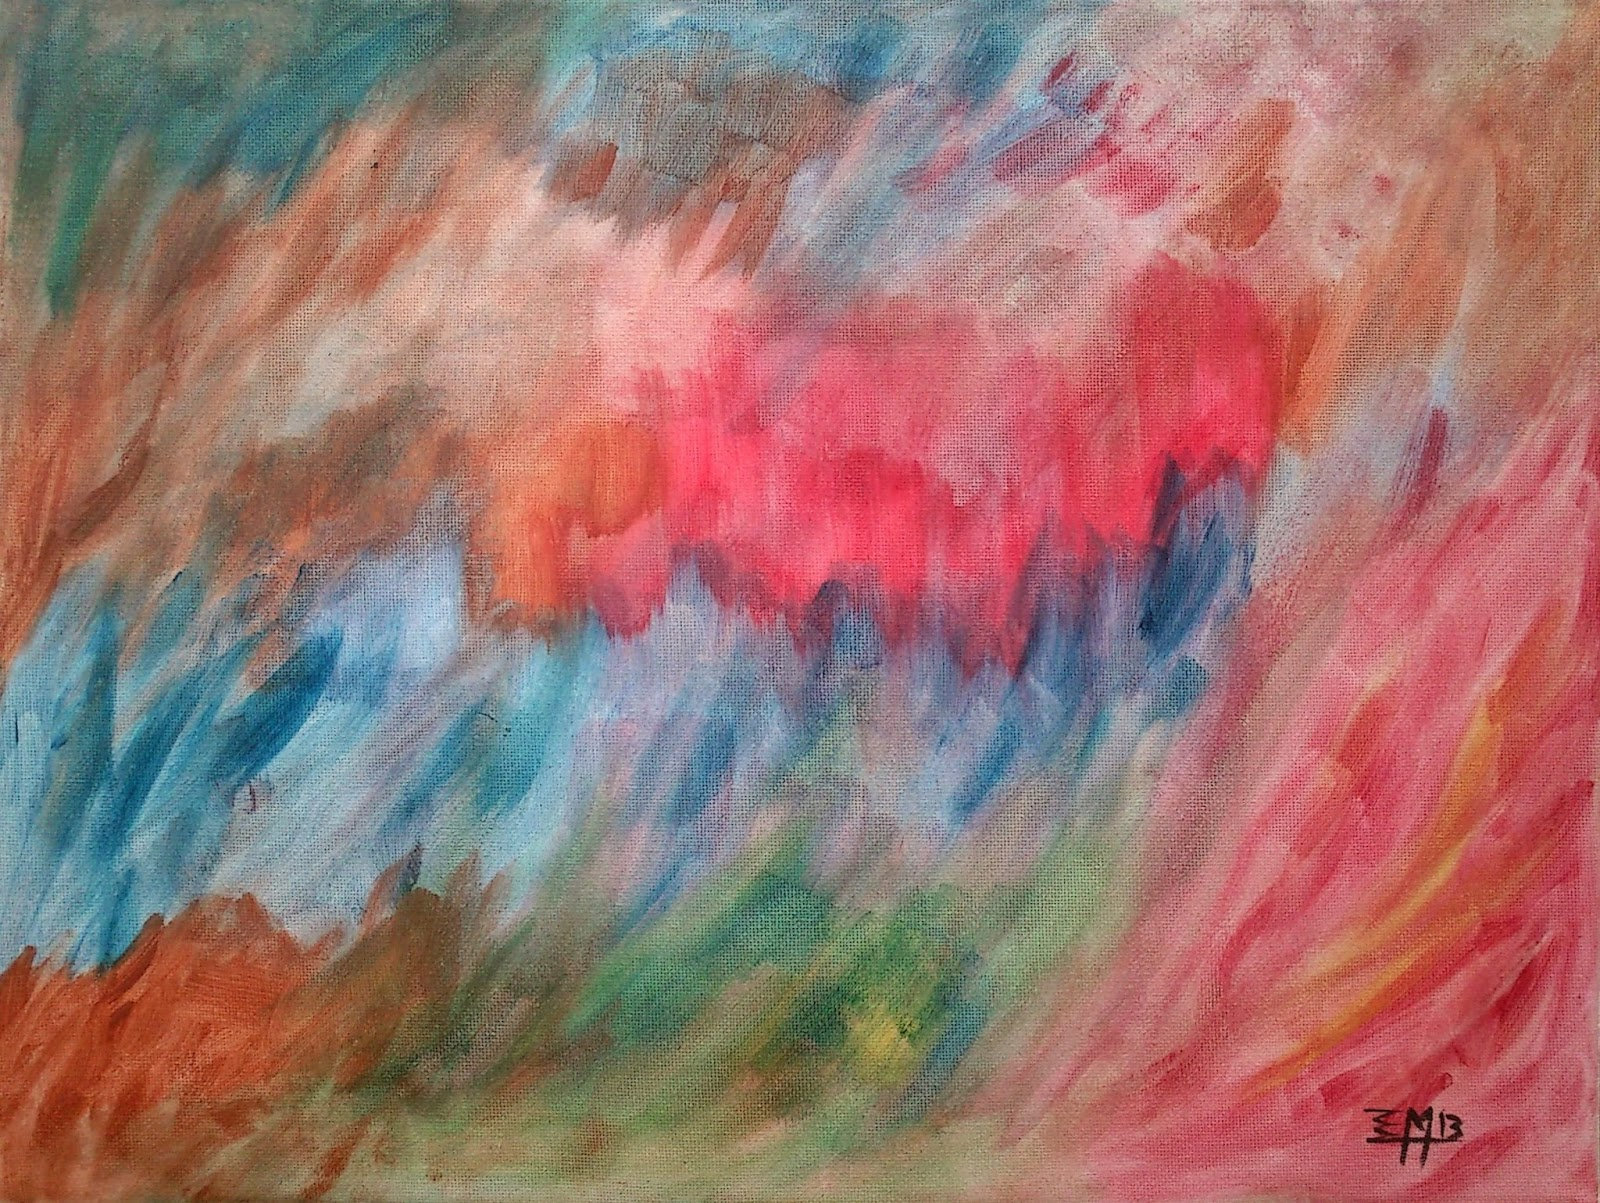 elias monsalve©Expresionismo Abstracto - Regale Arte - Obras a medida y gusto del cliente - Contácteme!